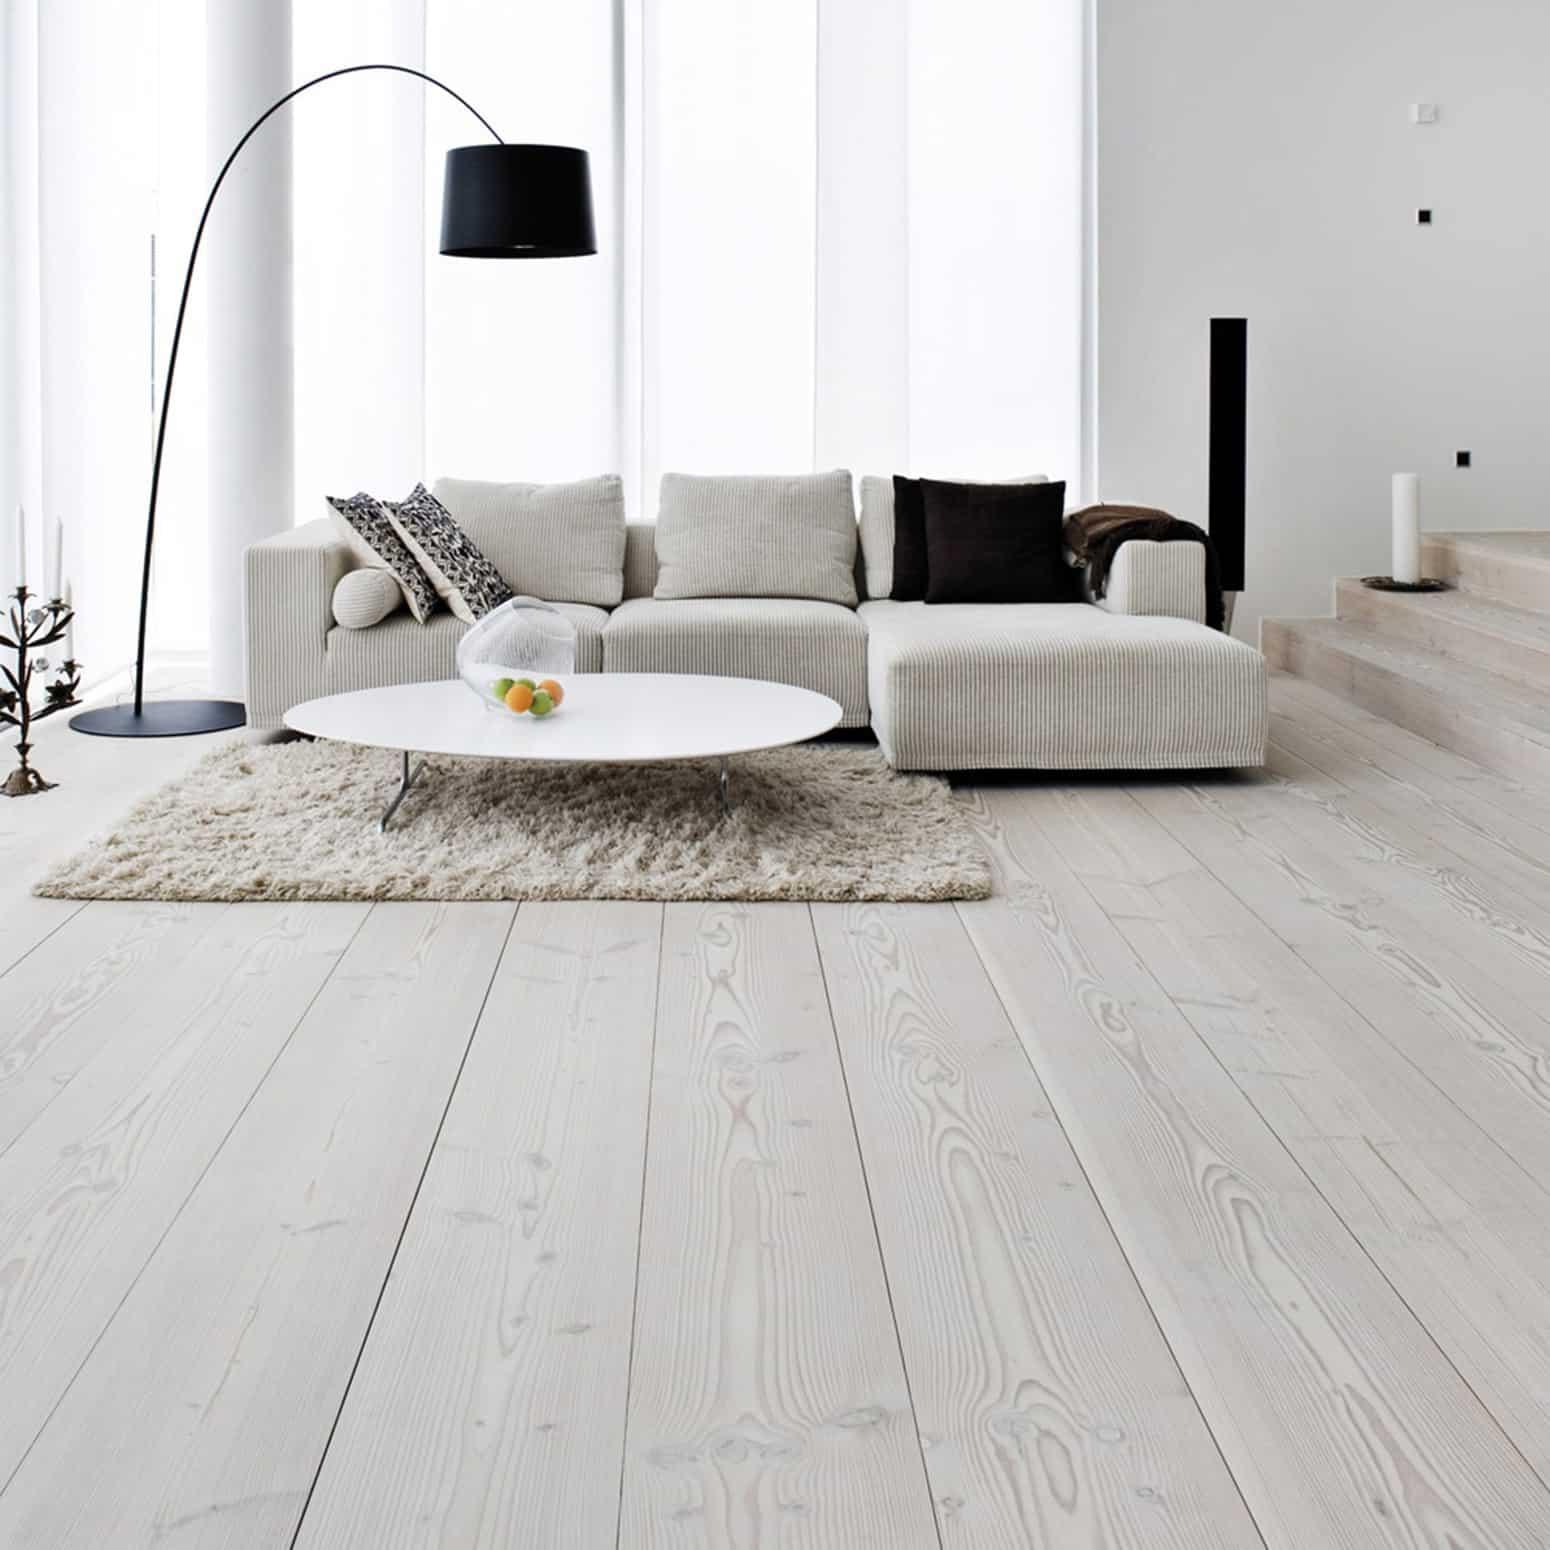 Hình ảnh minh họa sàn gỗ 370